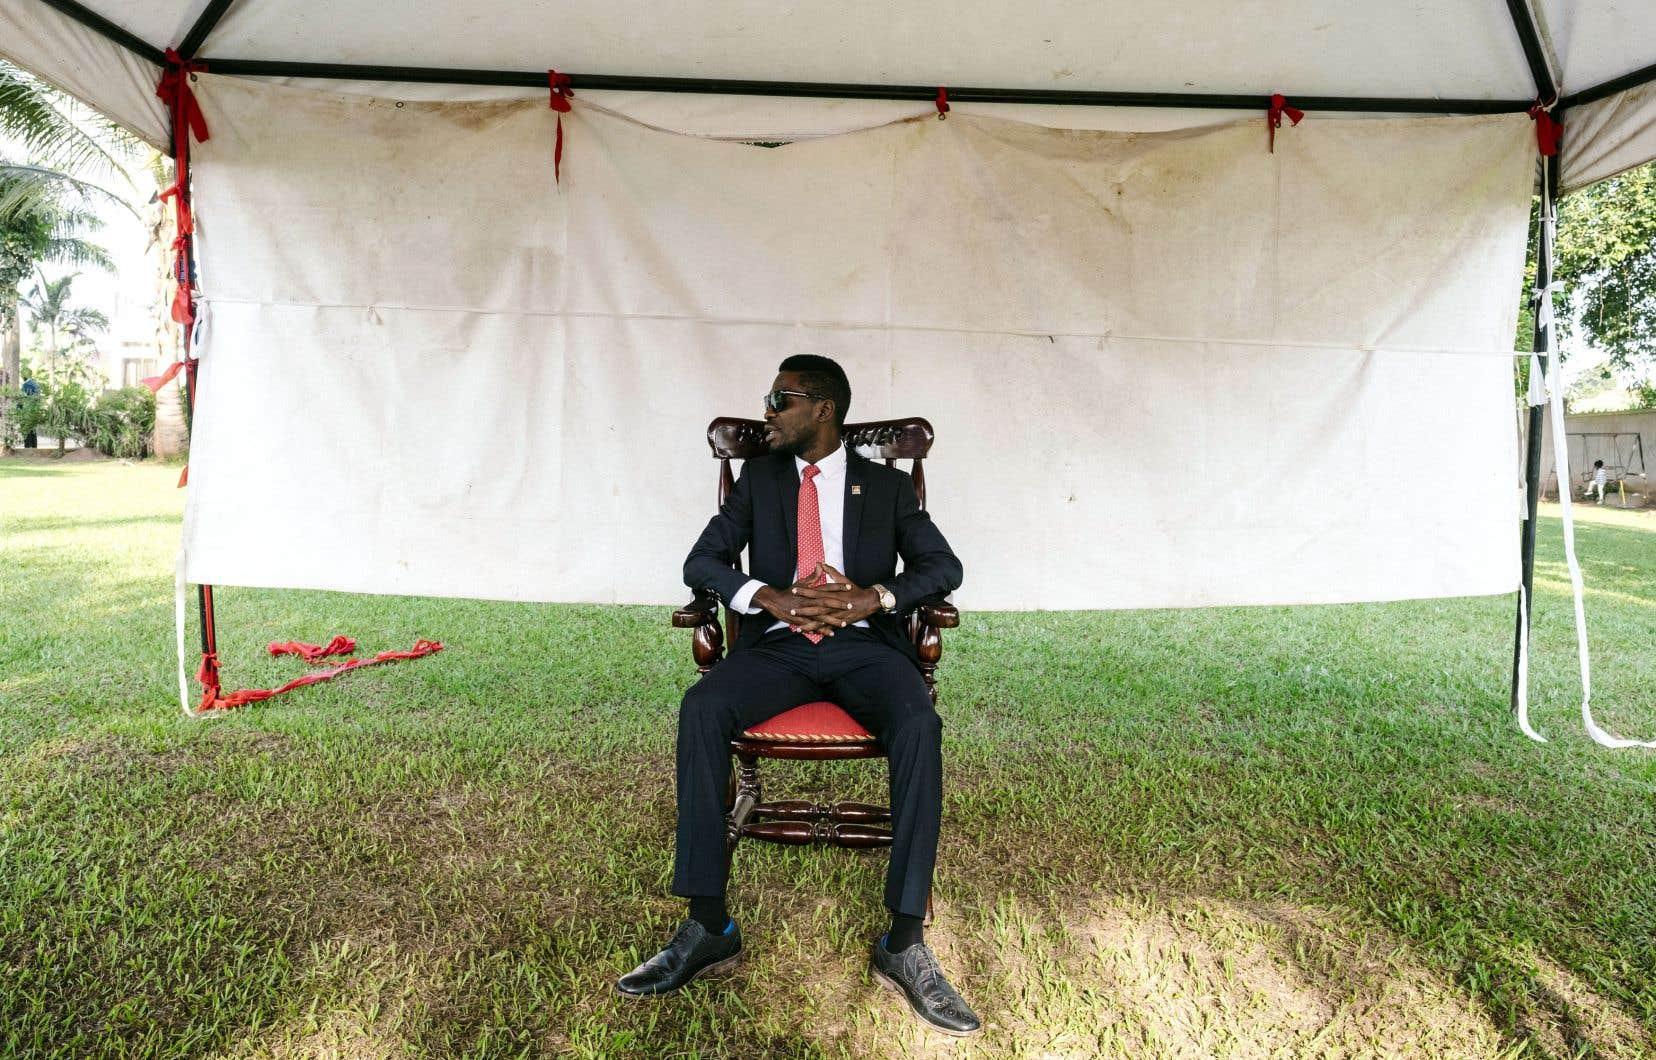 Moins d'un an après avoir été passé à tabac par la police du président Yoweri Museveni, Bobi Wine a annoncé mercredi son intention de briguer la présidence ougandaise lors des élections de 2021.